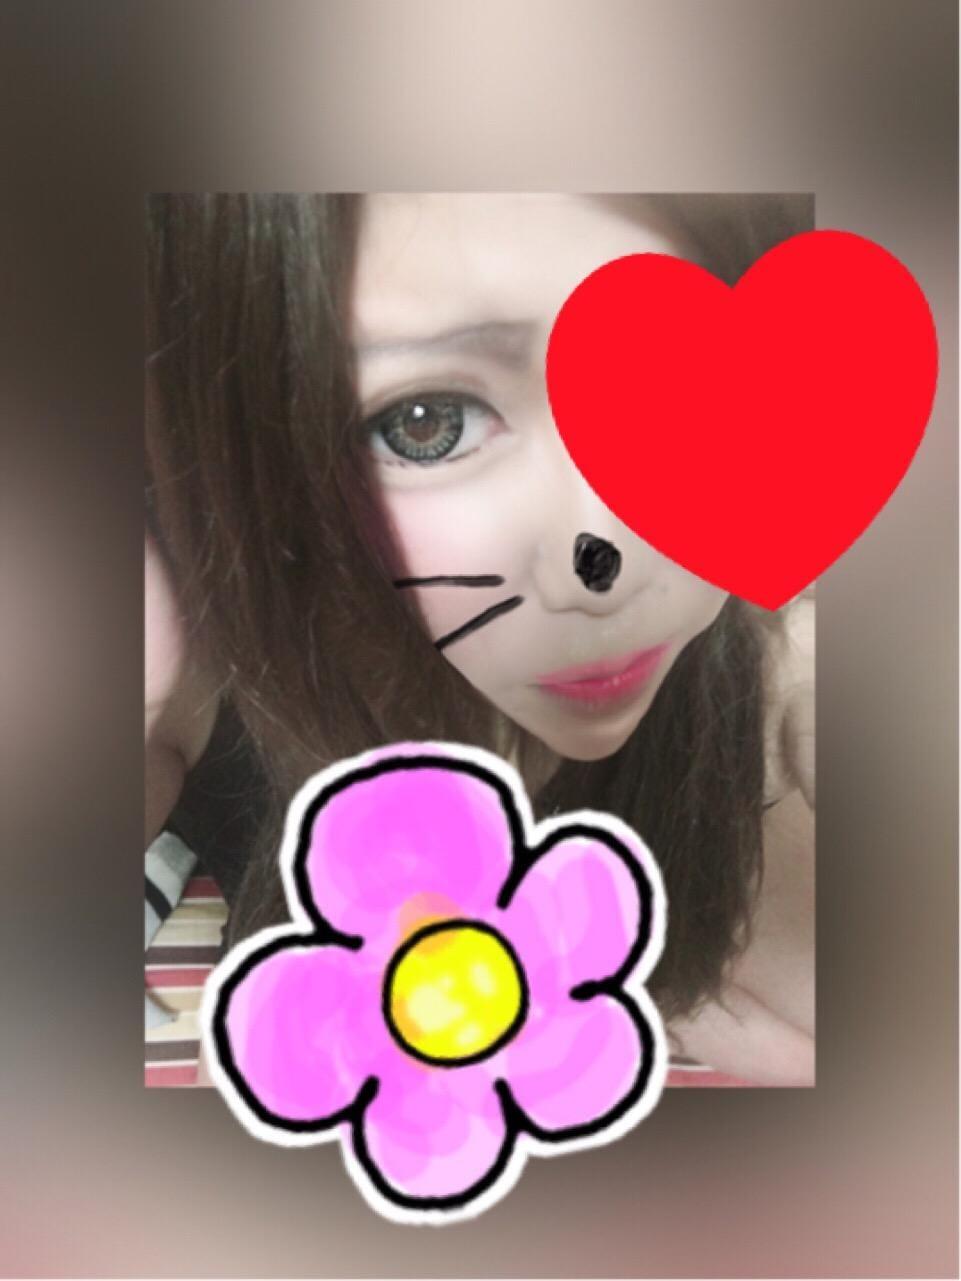 ちづる「お礼◎3件!」09/21(金) 01:08 | ちづるの写メ・風俗動画